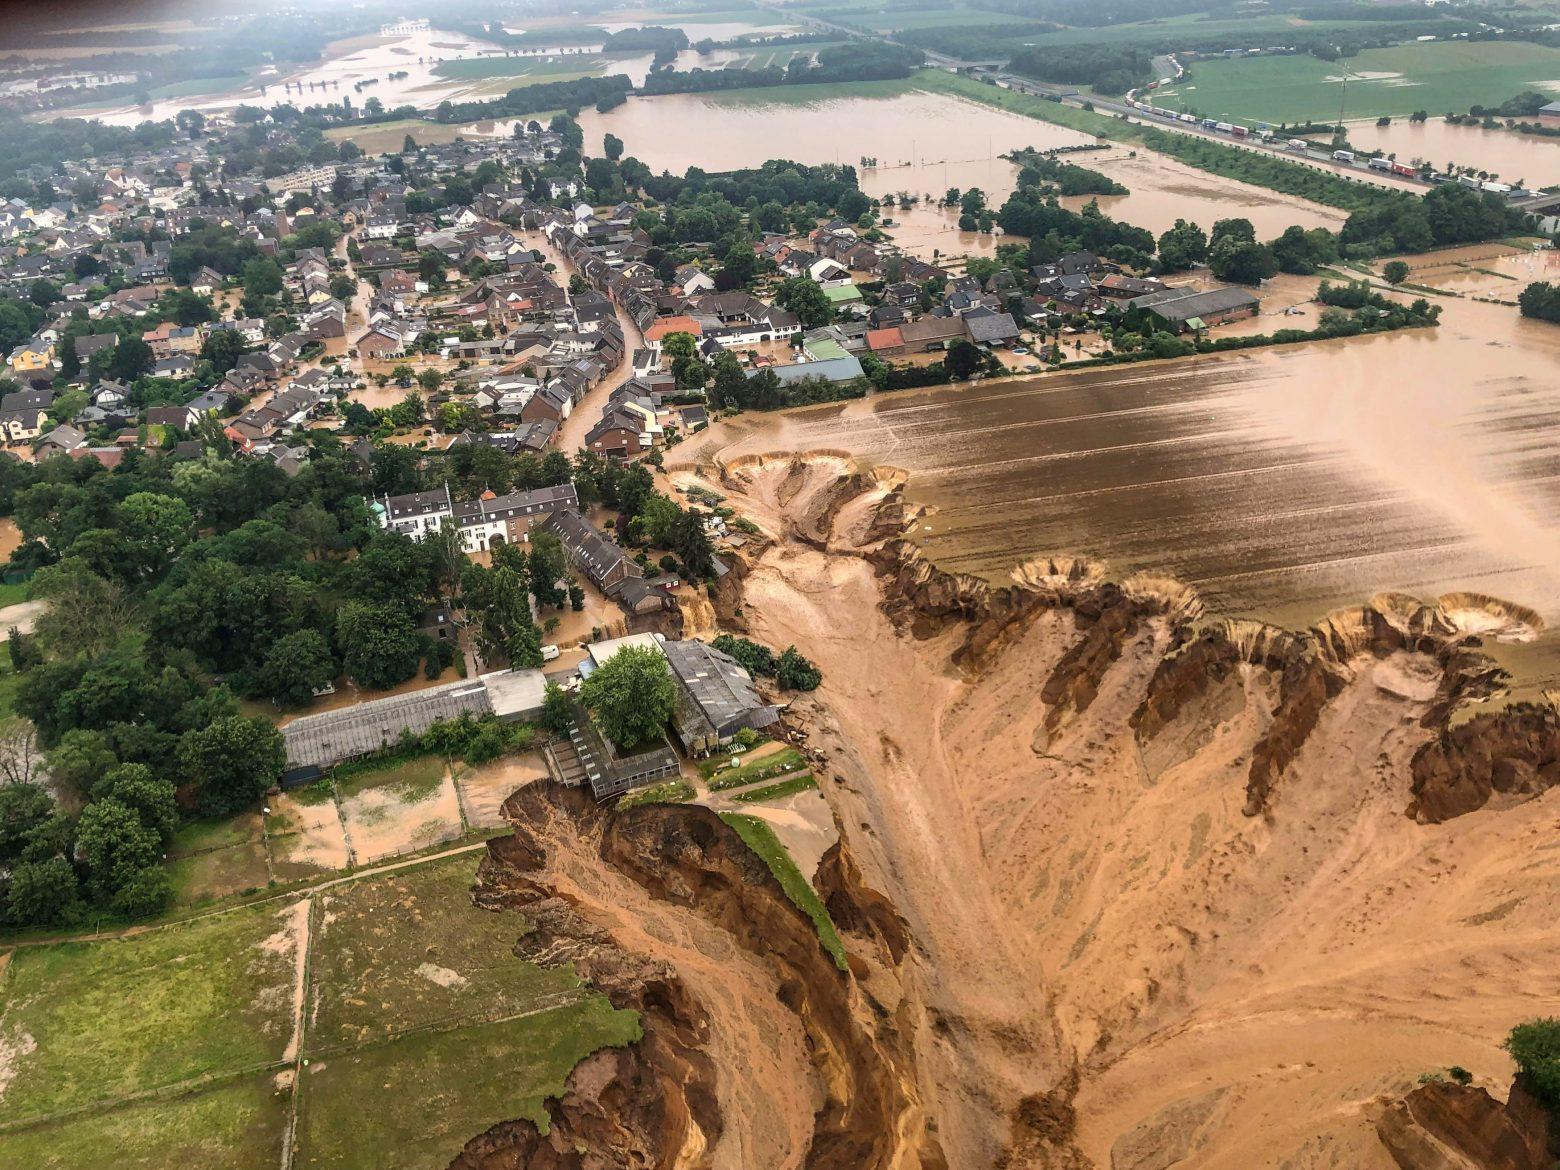 Γερμανία: Οι πλημμύρες κάνουν την κλιματική αλλαγή κεντρικό θέμα της πολιτικής αντιπαράθεσης